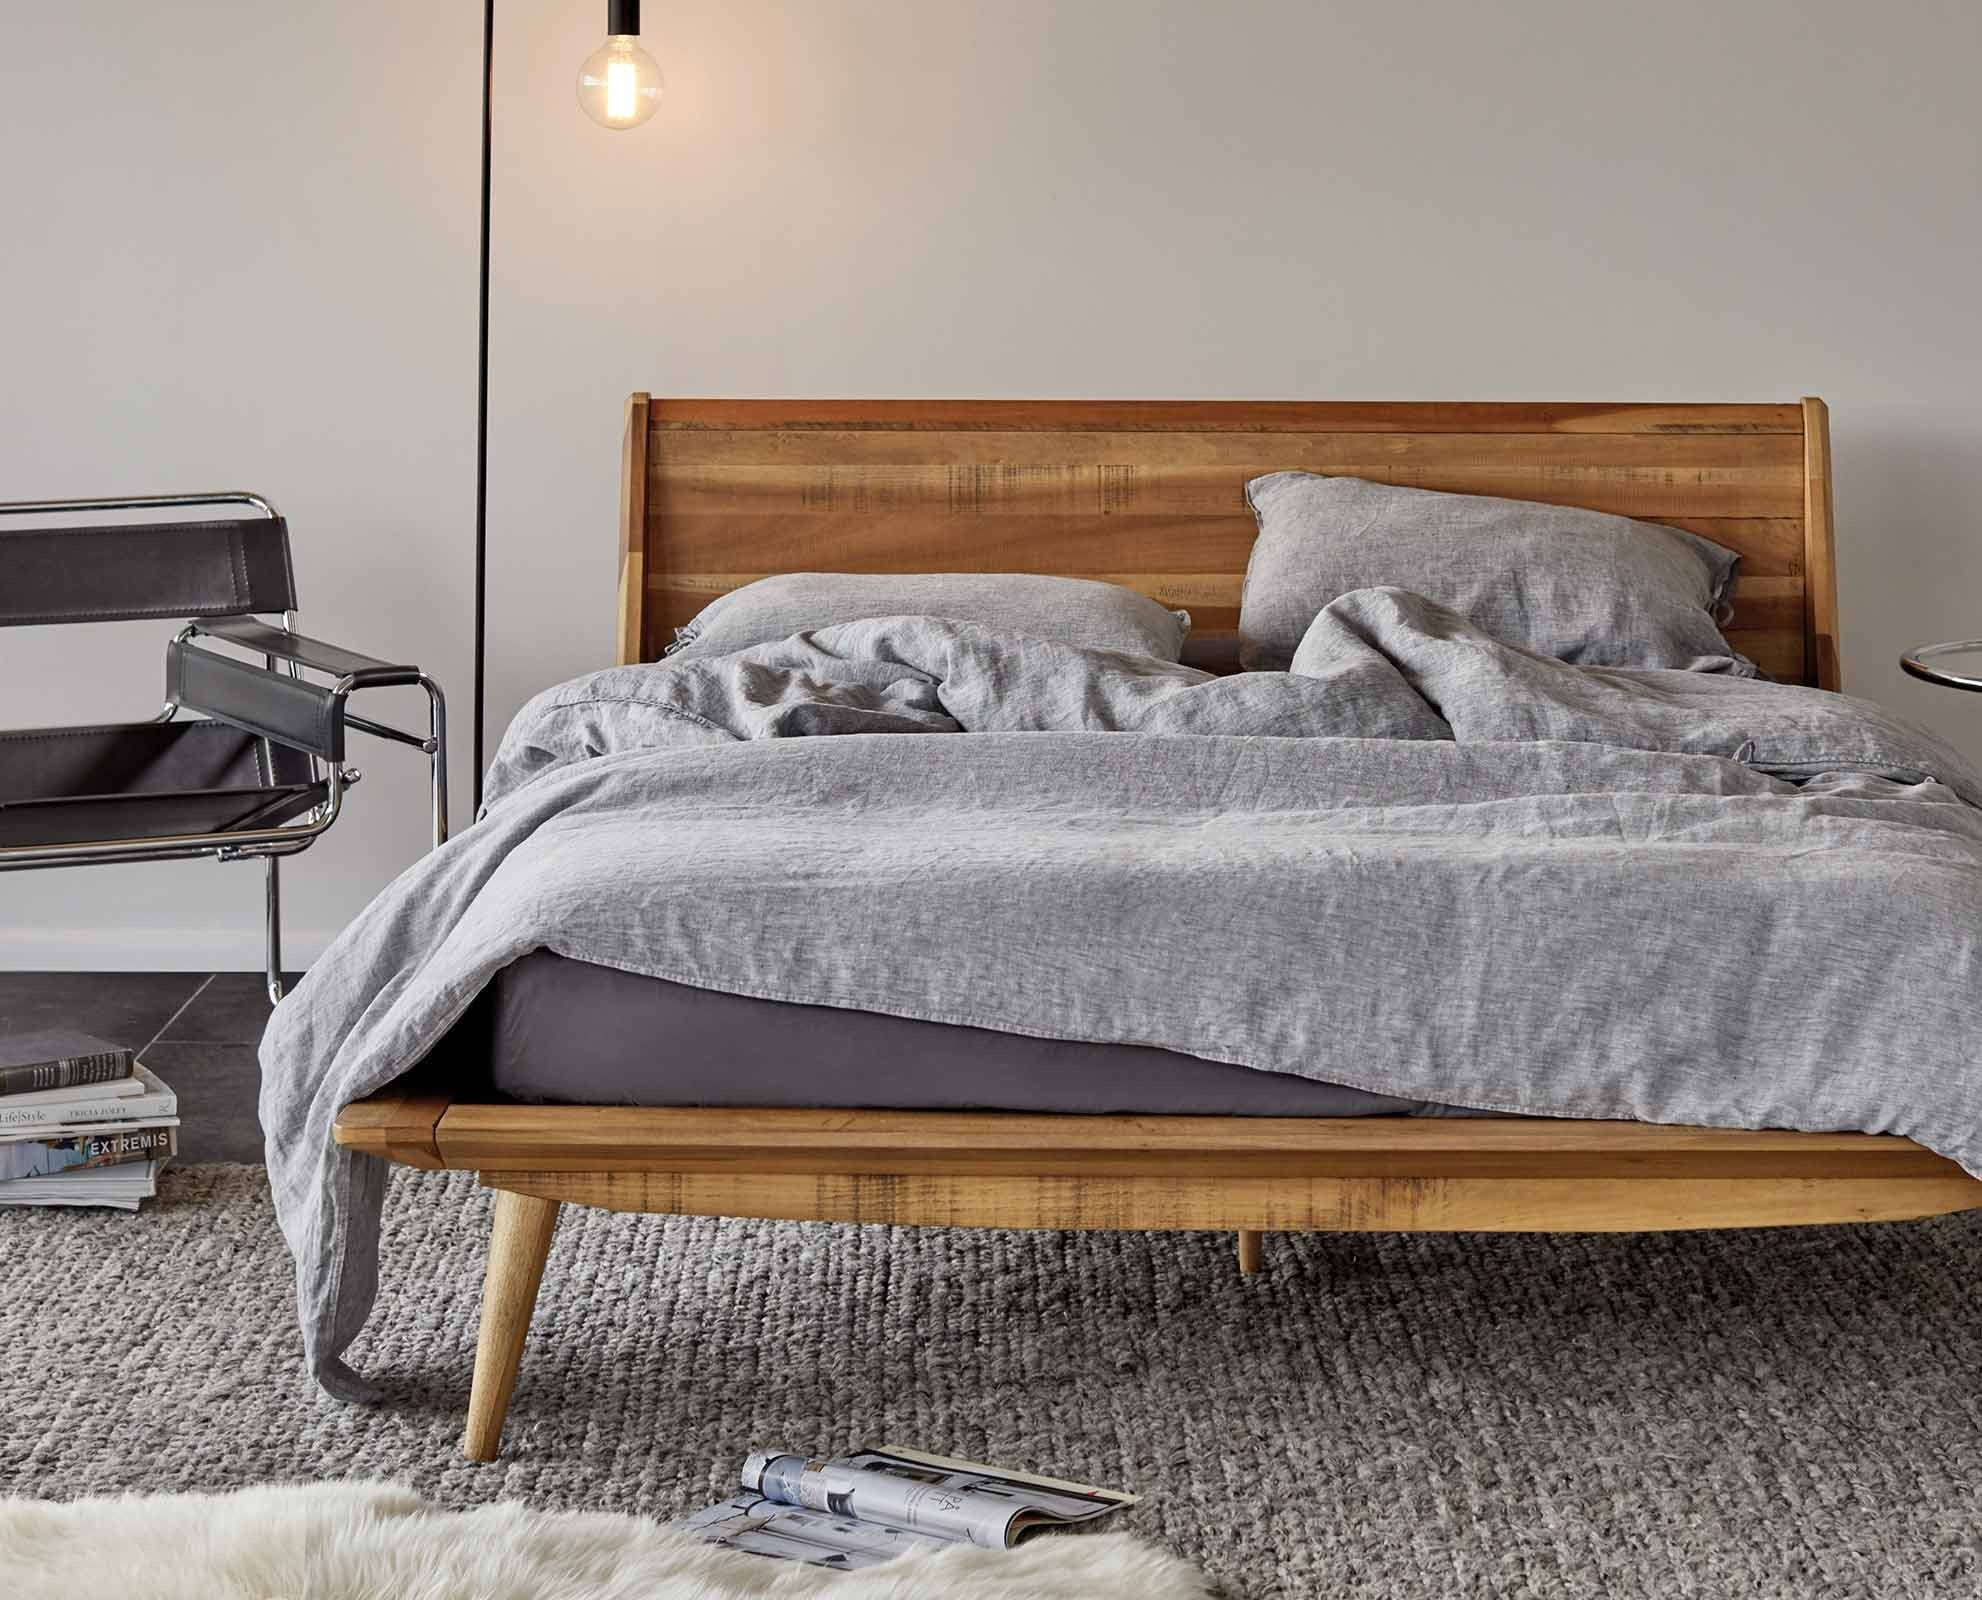 Bedroom in the Scandinavian style (160 photos)